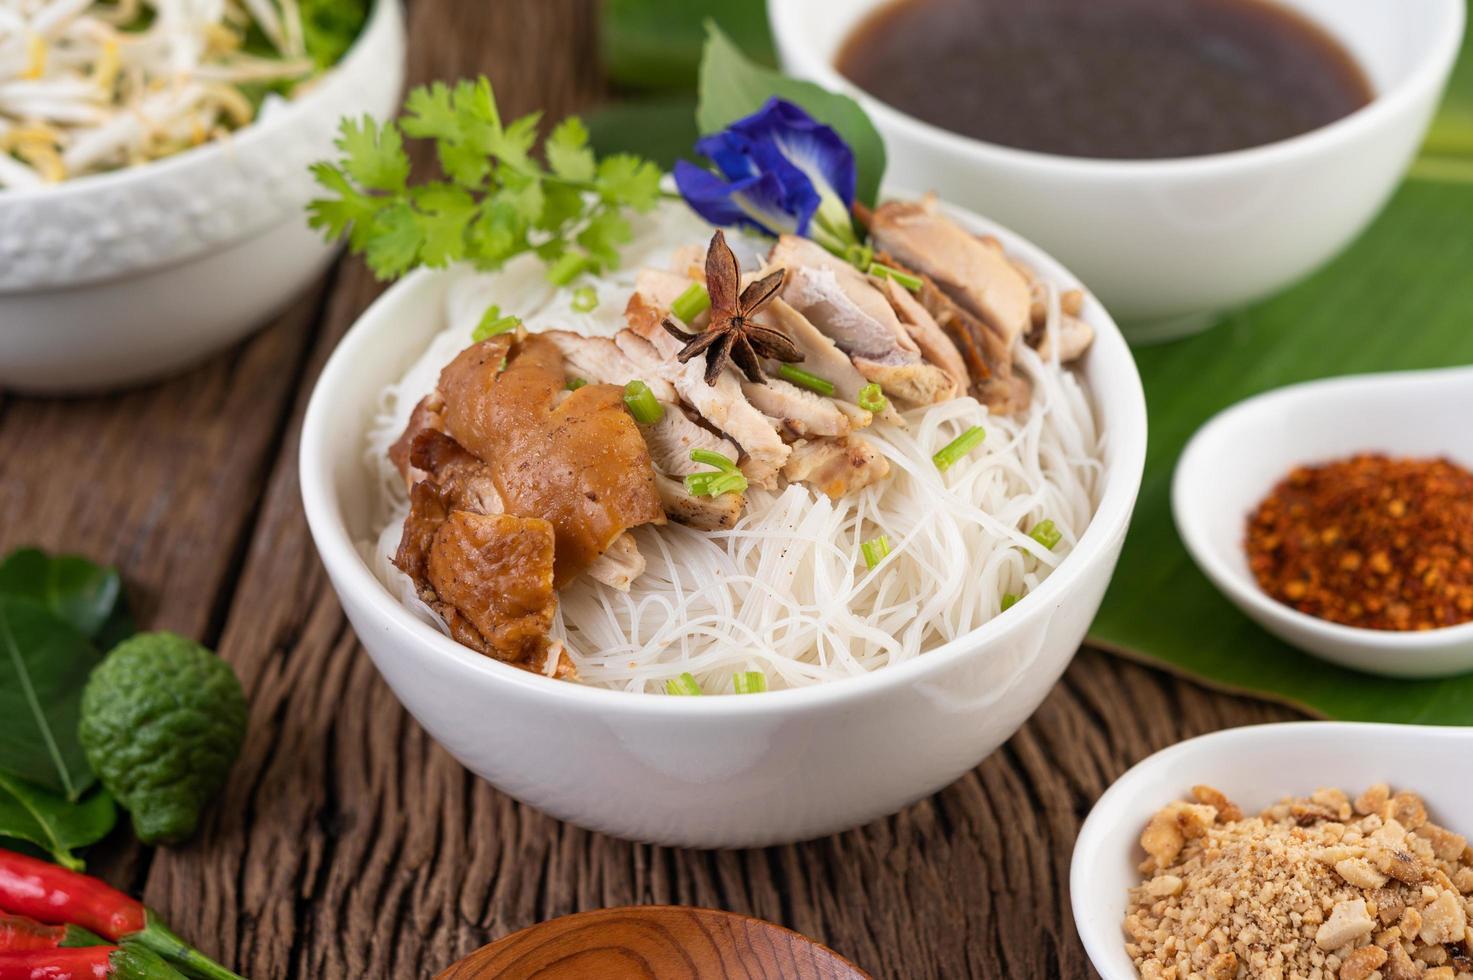 Nouilles au poulet dans un bol avec accompagnements thaïlandais photo